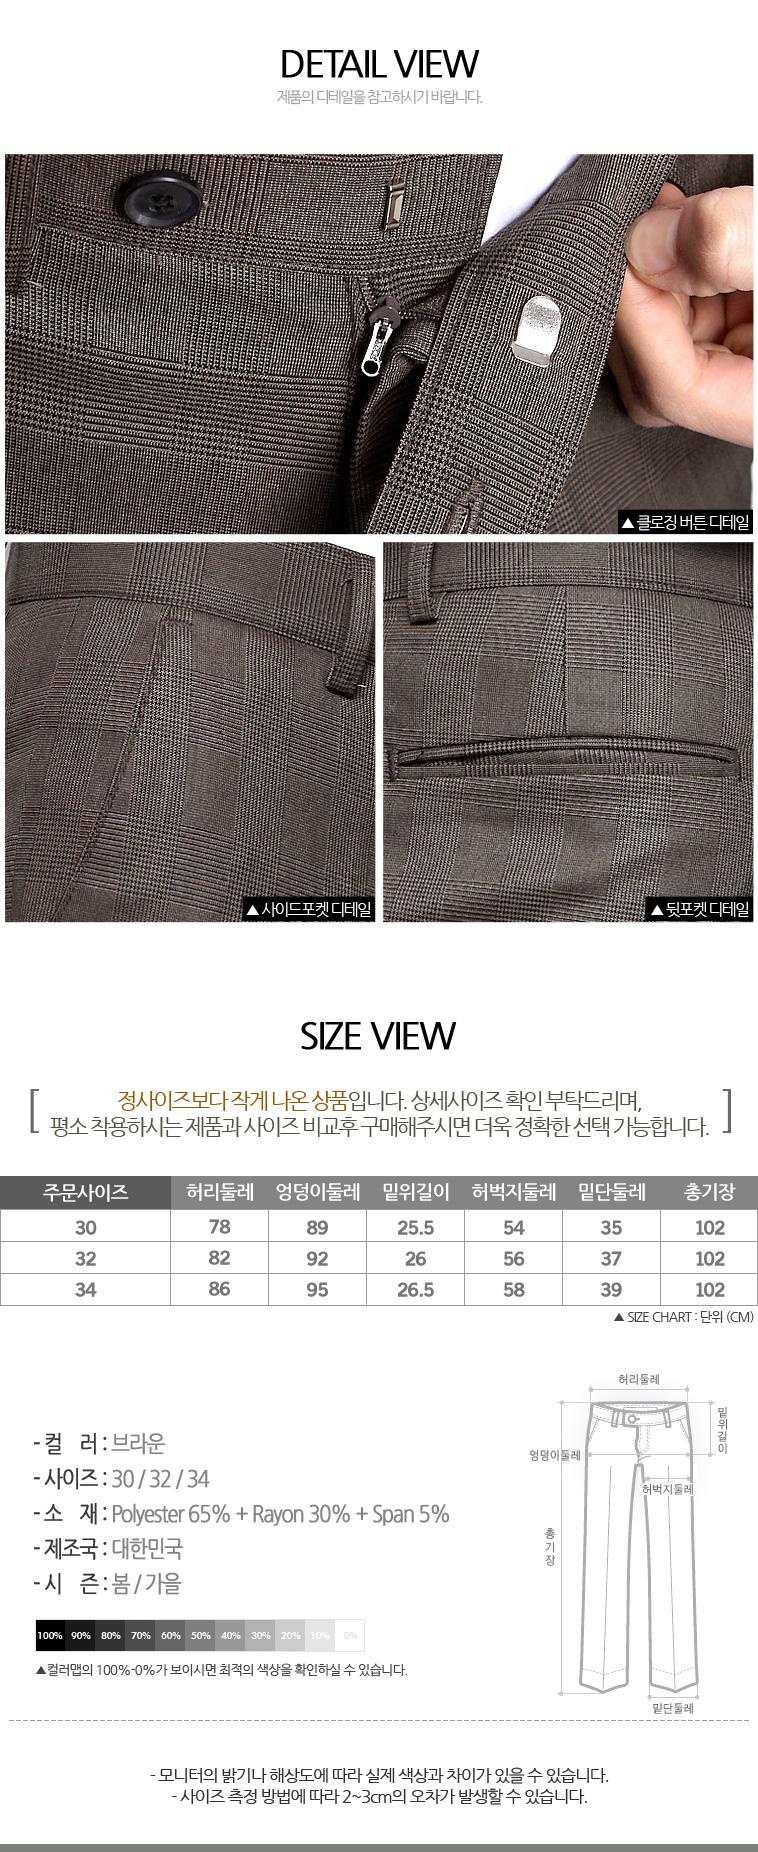 [마이컬러] 브라운 슬랙스/정장바지 - 상세정보